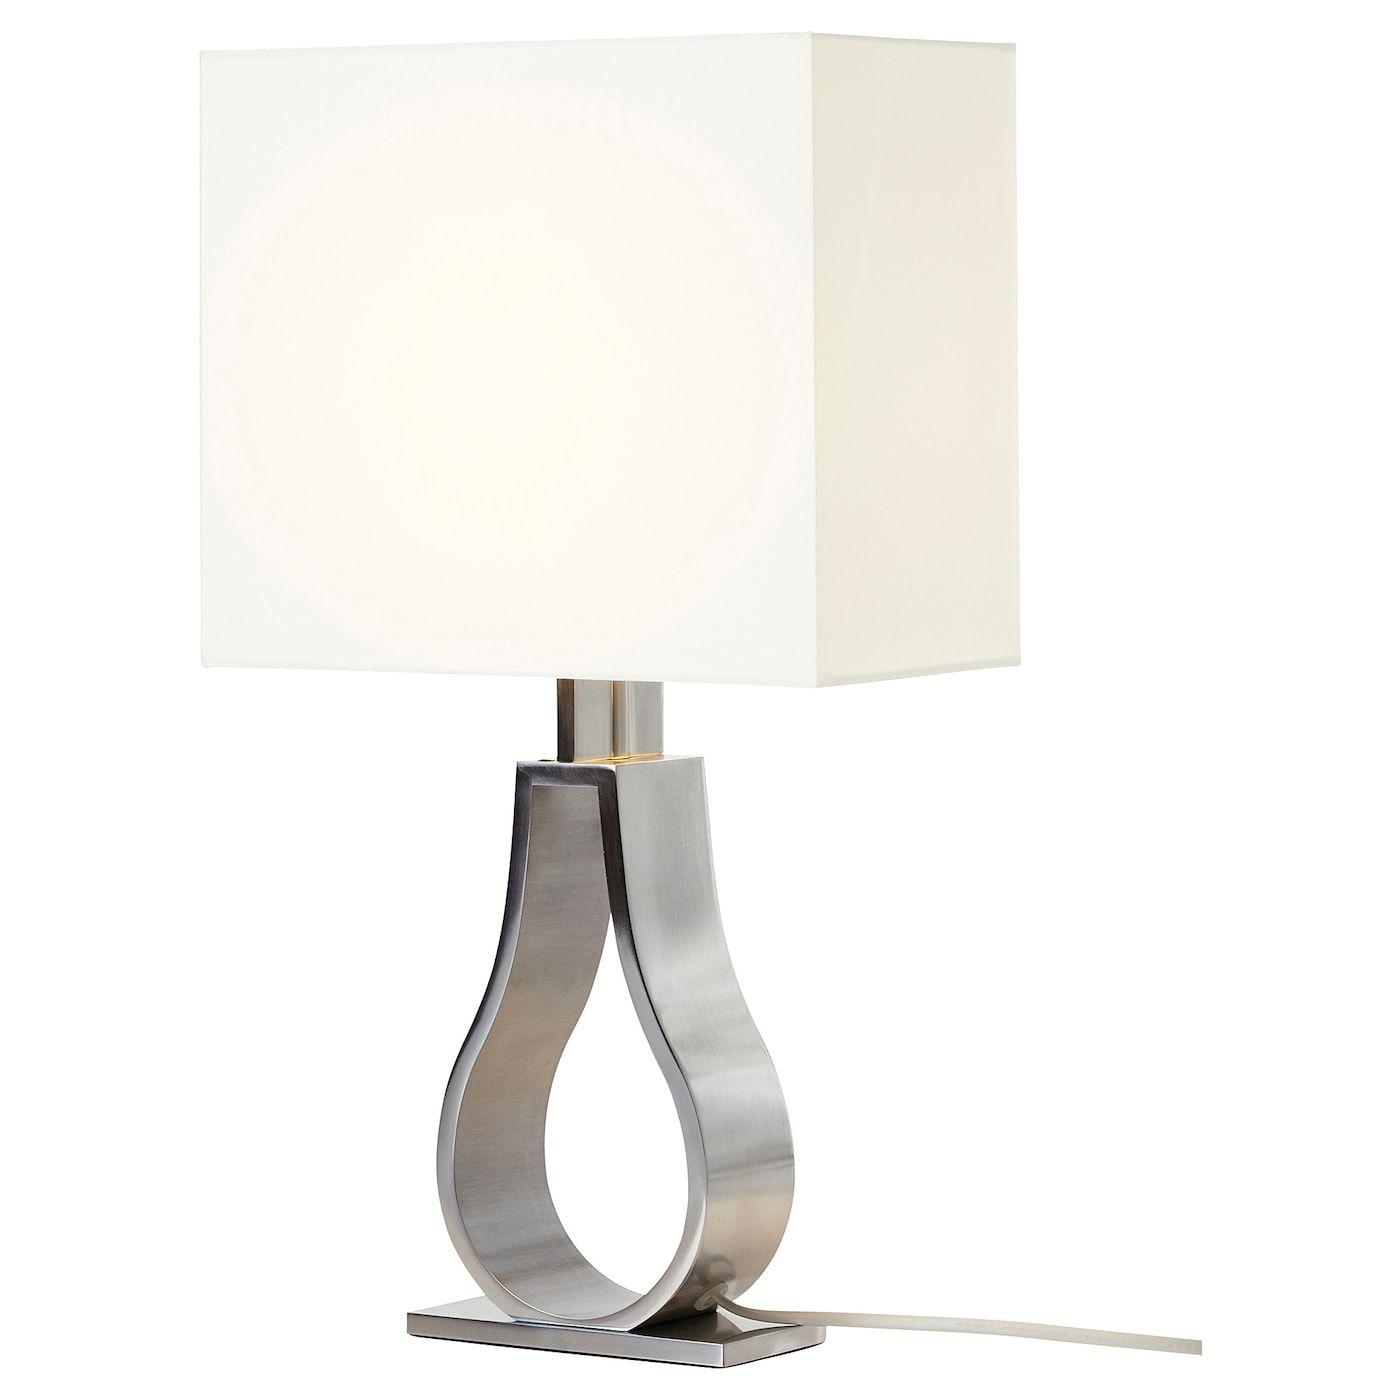 Klabb Tischleuchte Elfenbeinweiss Vernickelt Ikea Osterreich In 2020 Table Lamp Lamp Unique Lamps